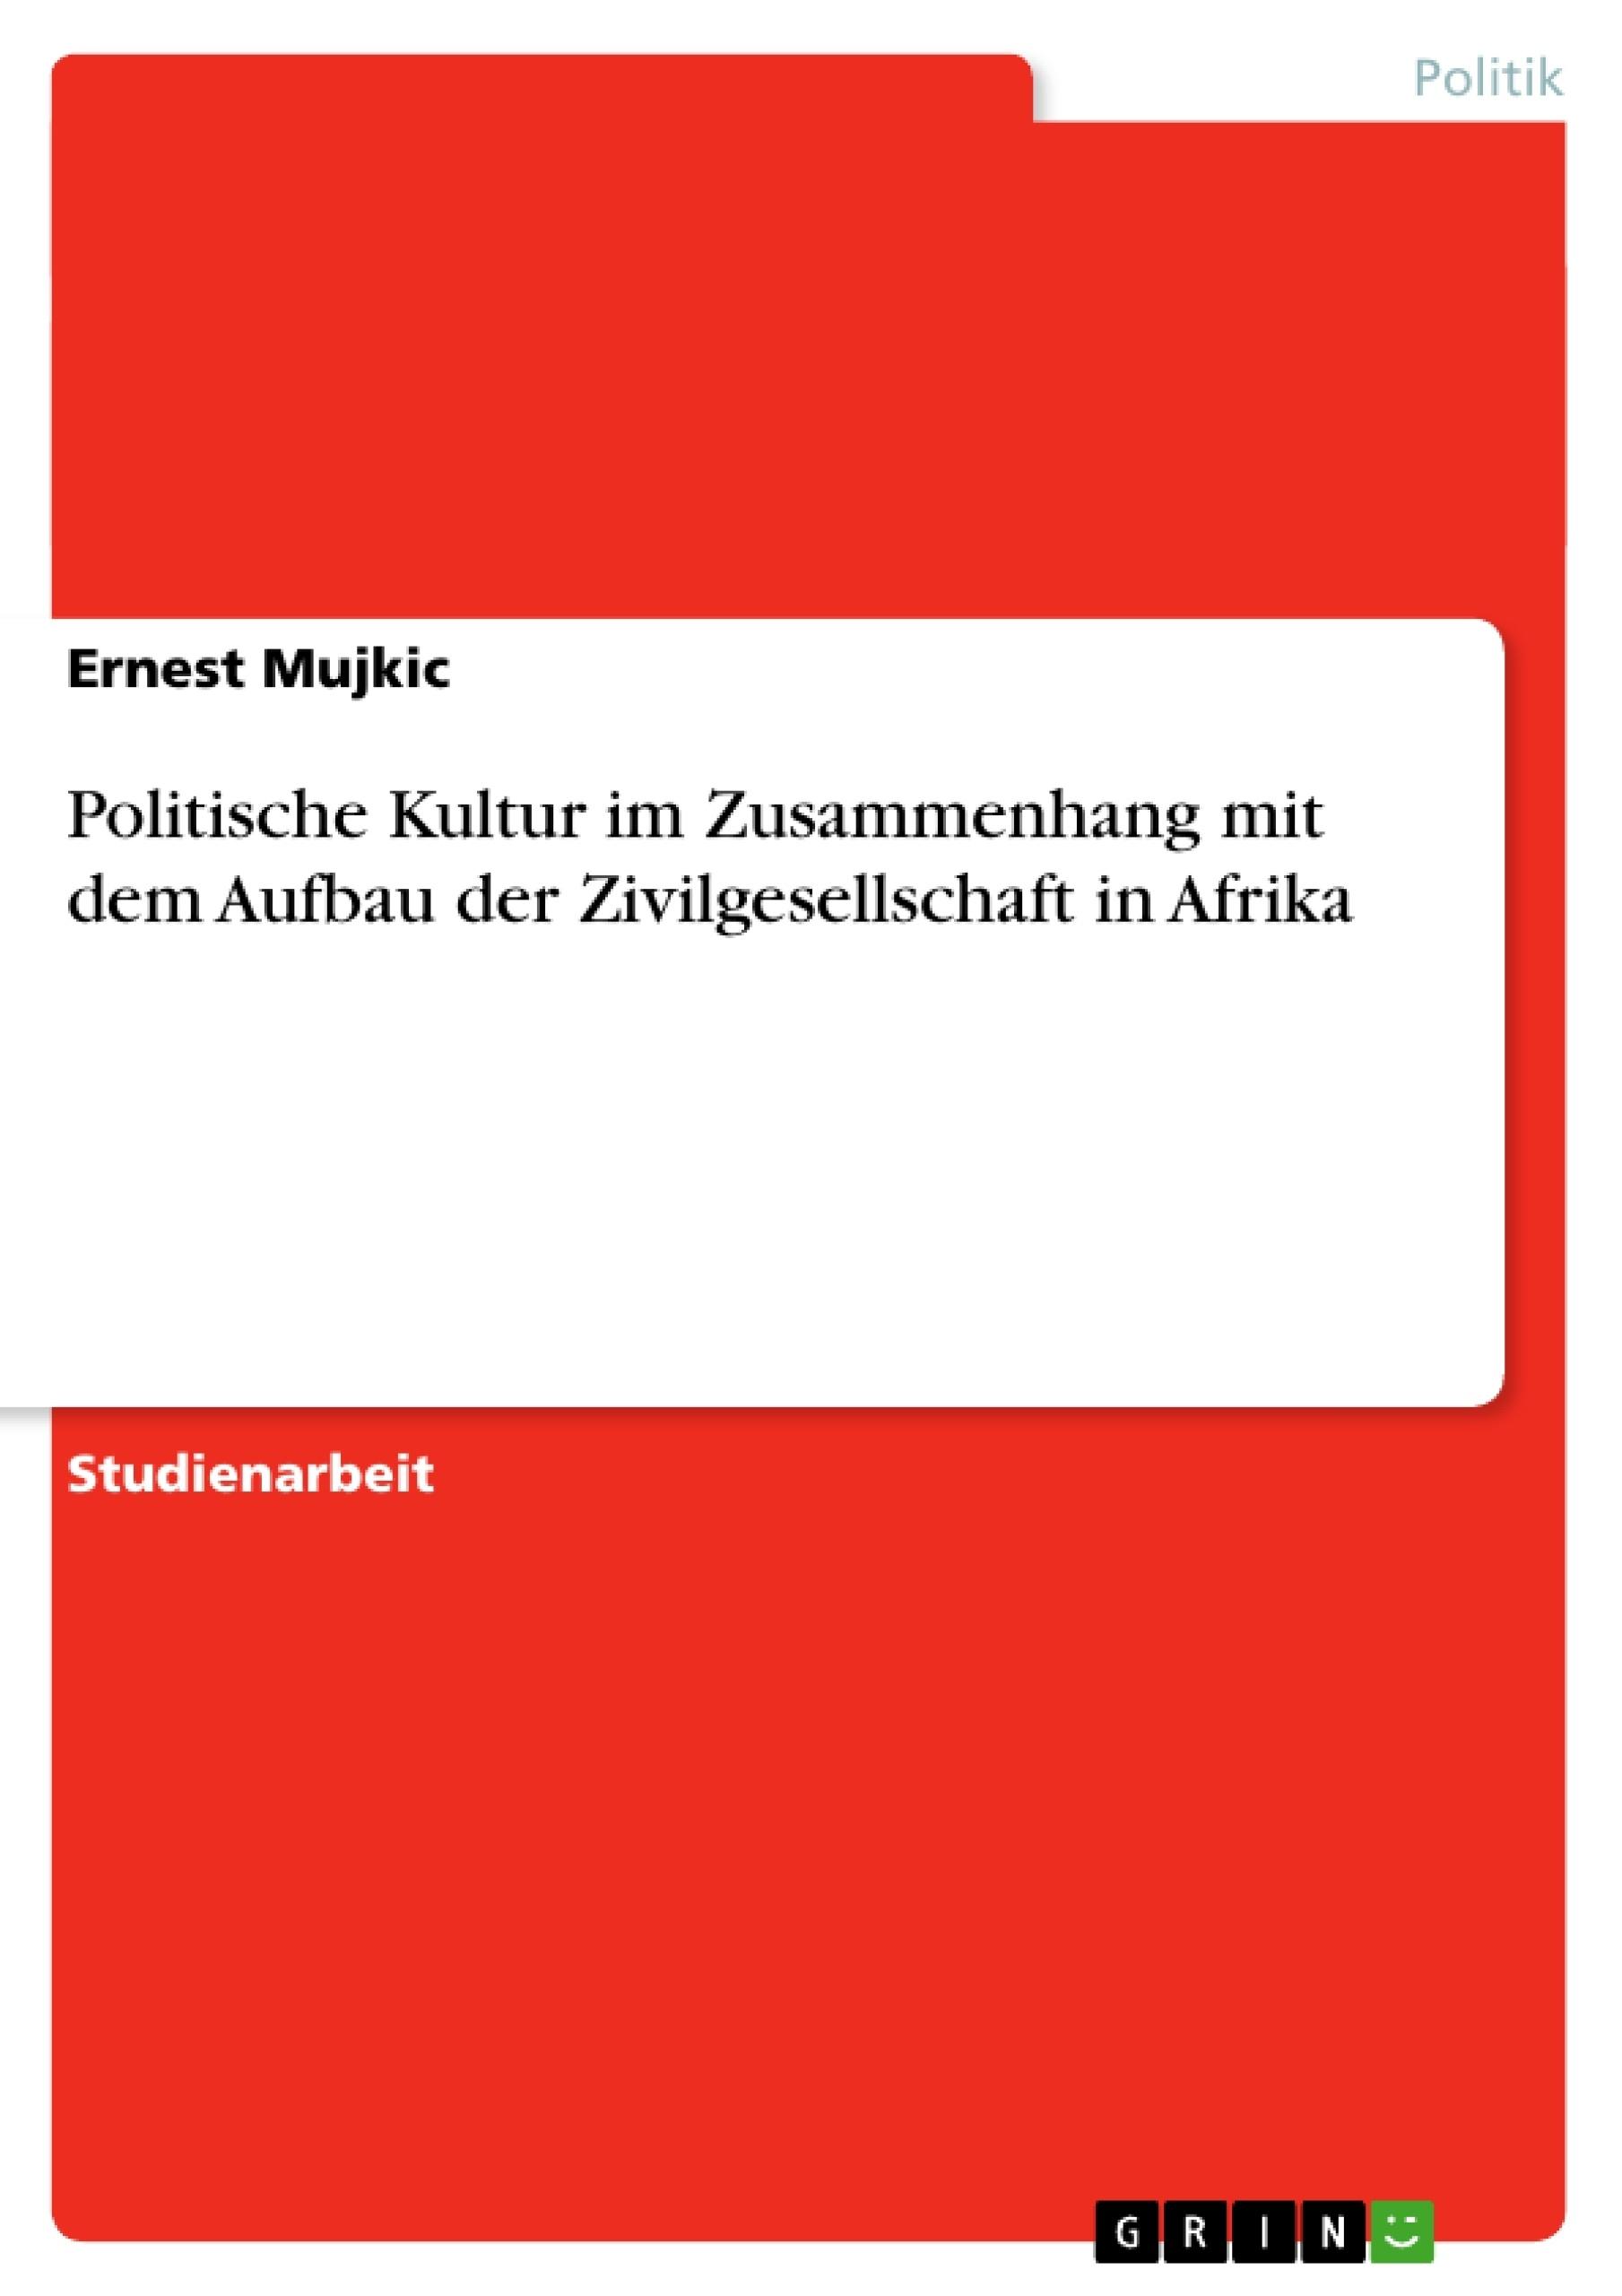 Titel: Politische Kultur im Zusammenhang mit dem Aufbau der Zivilgesellschaft in Afrika